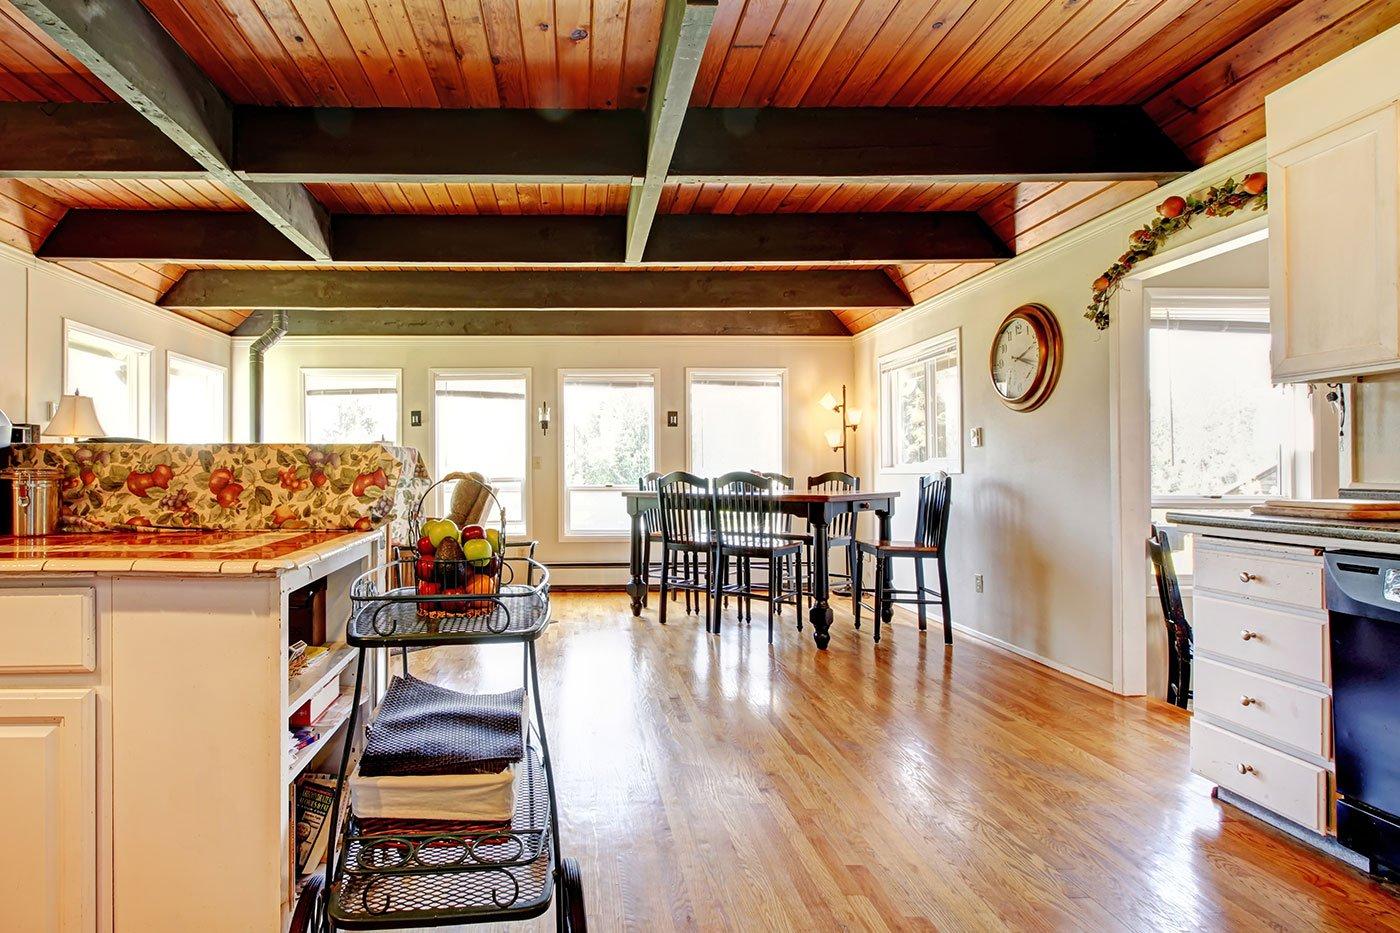 Una sala con un pavimento in legno, un tavolo da pranzo e un carrellino di frutta